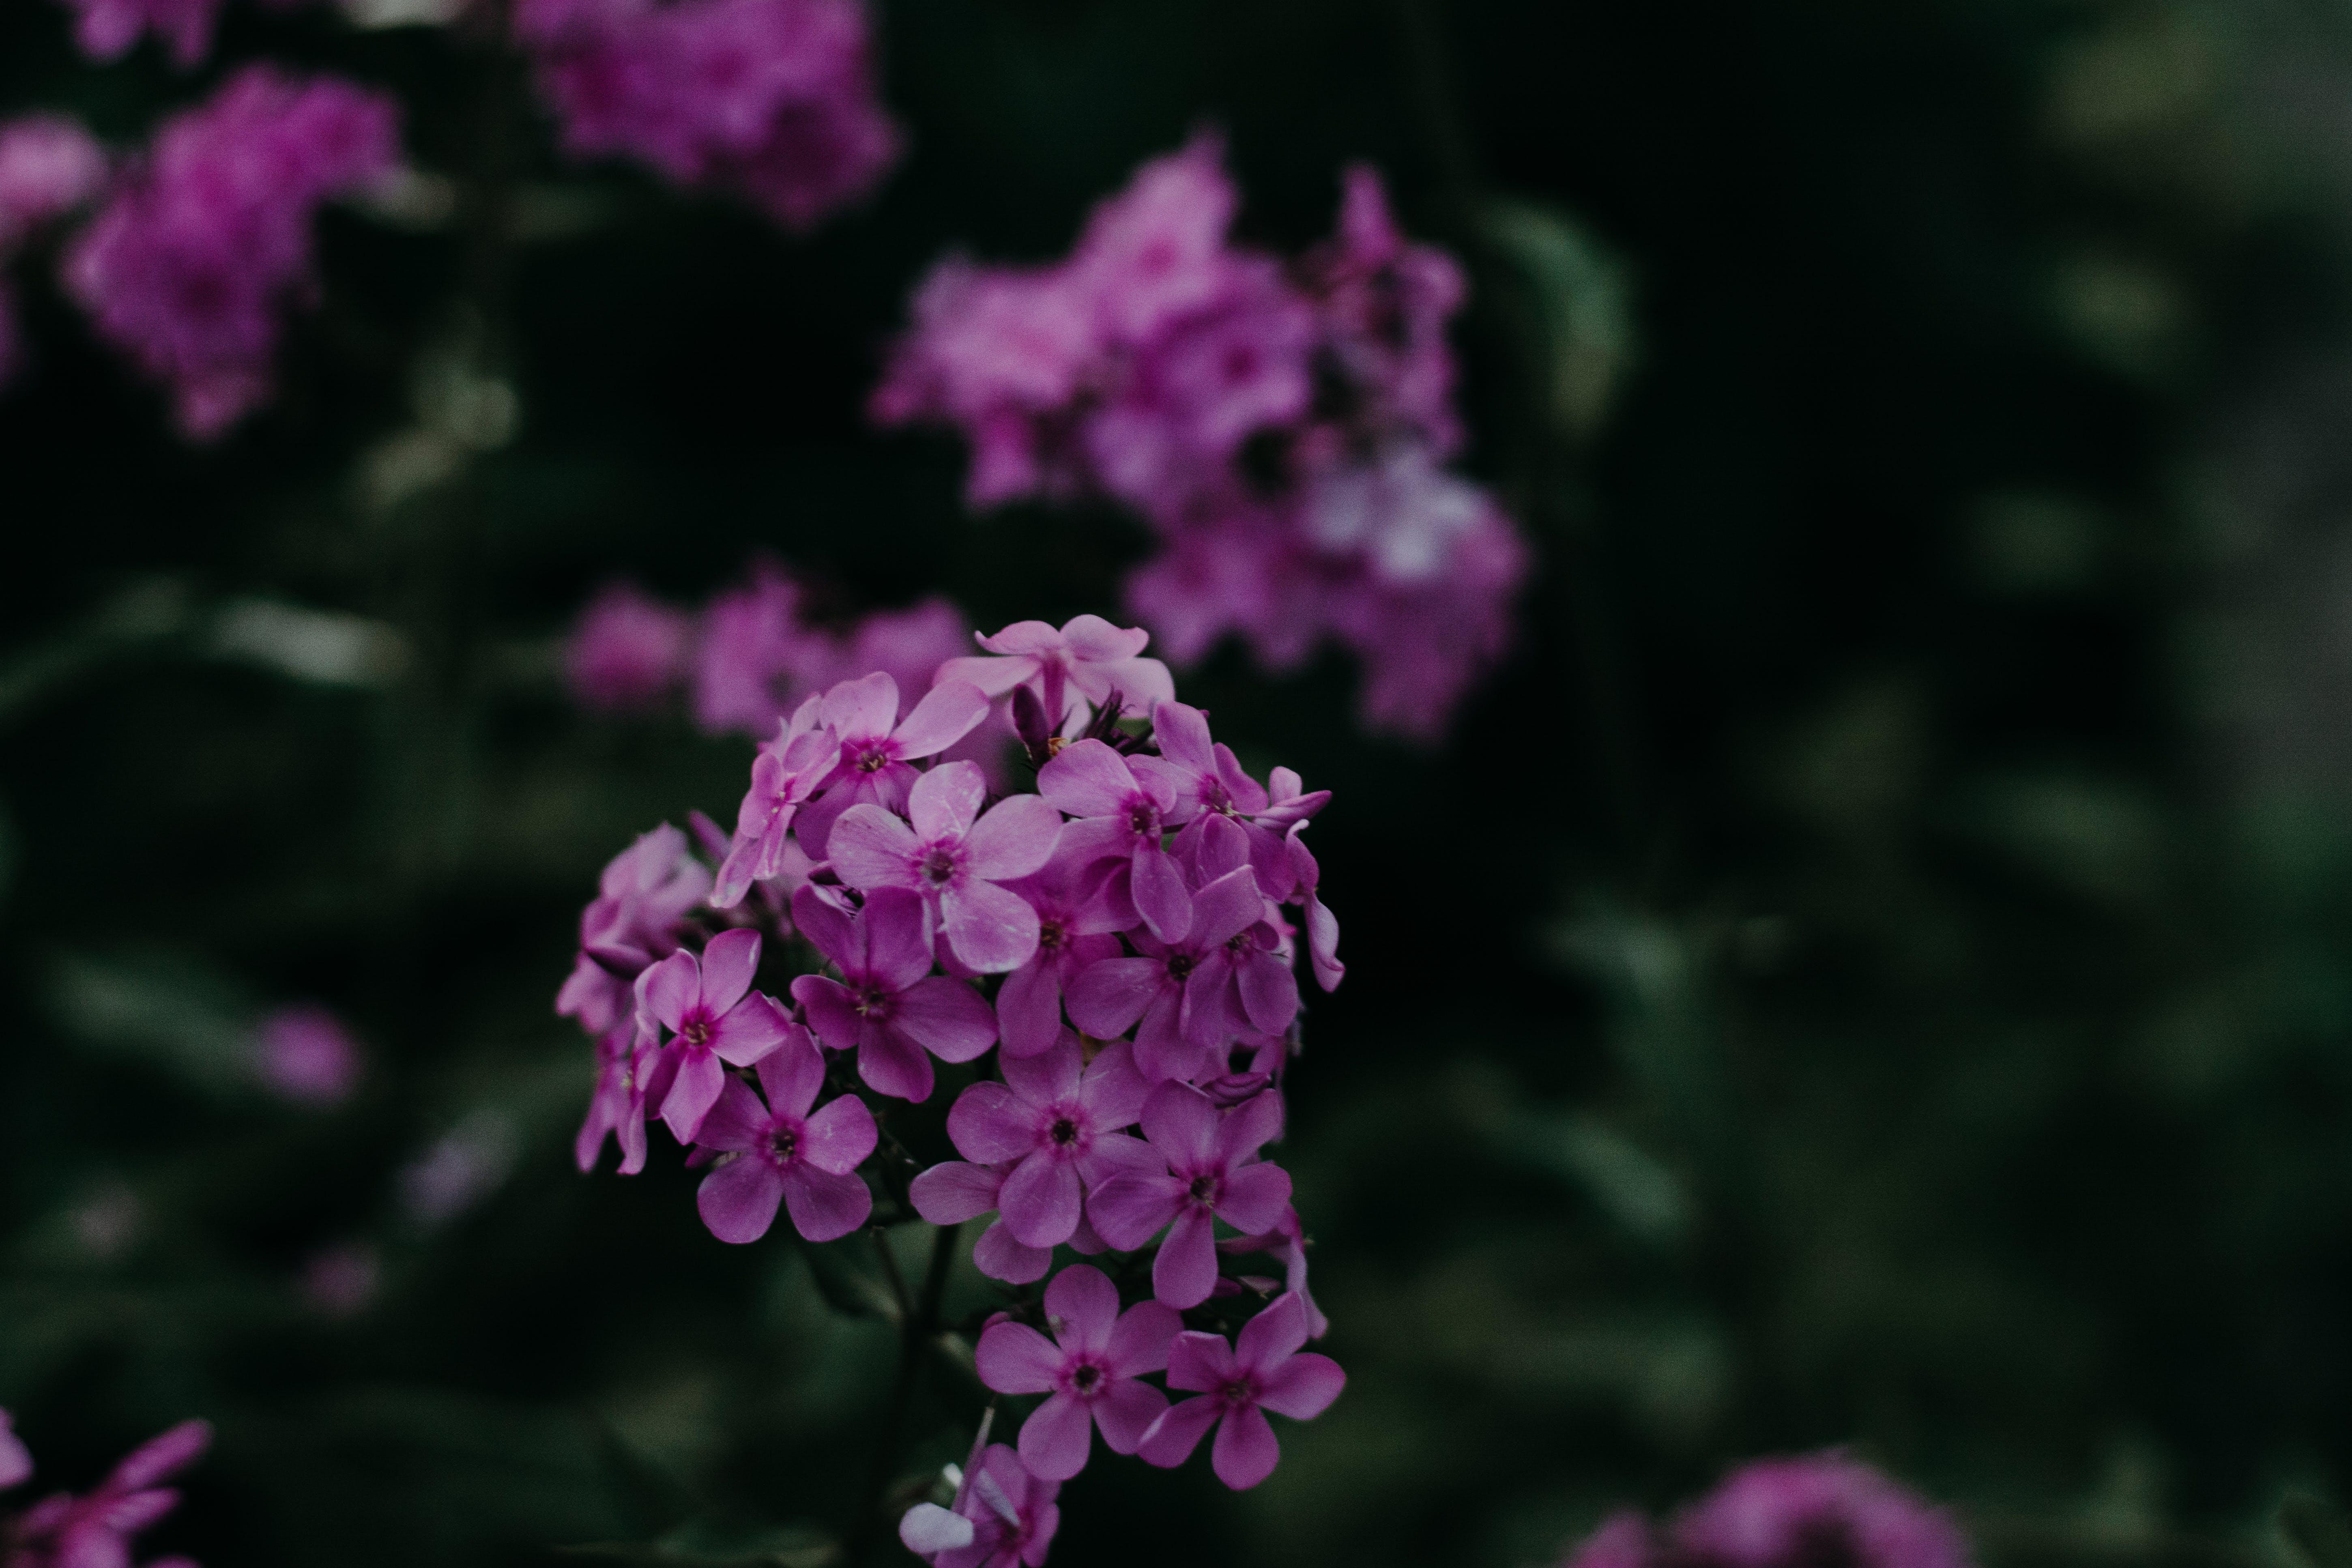 Immagine gratuita di bellissimo, bocciolo, concentrarsi, crescita